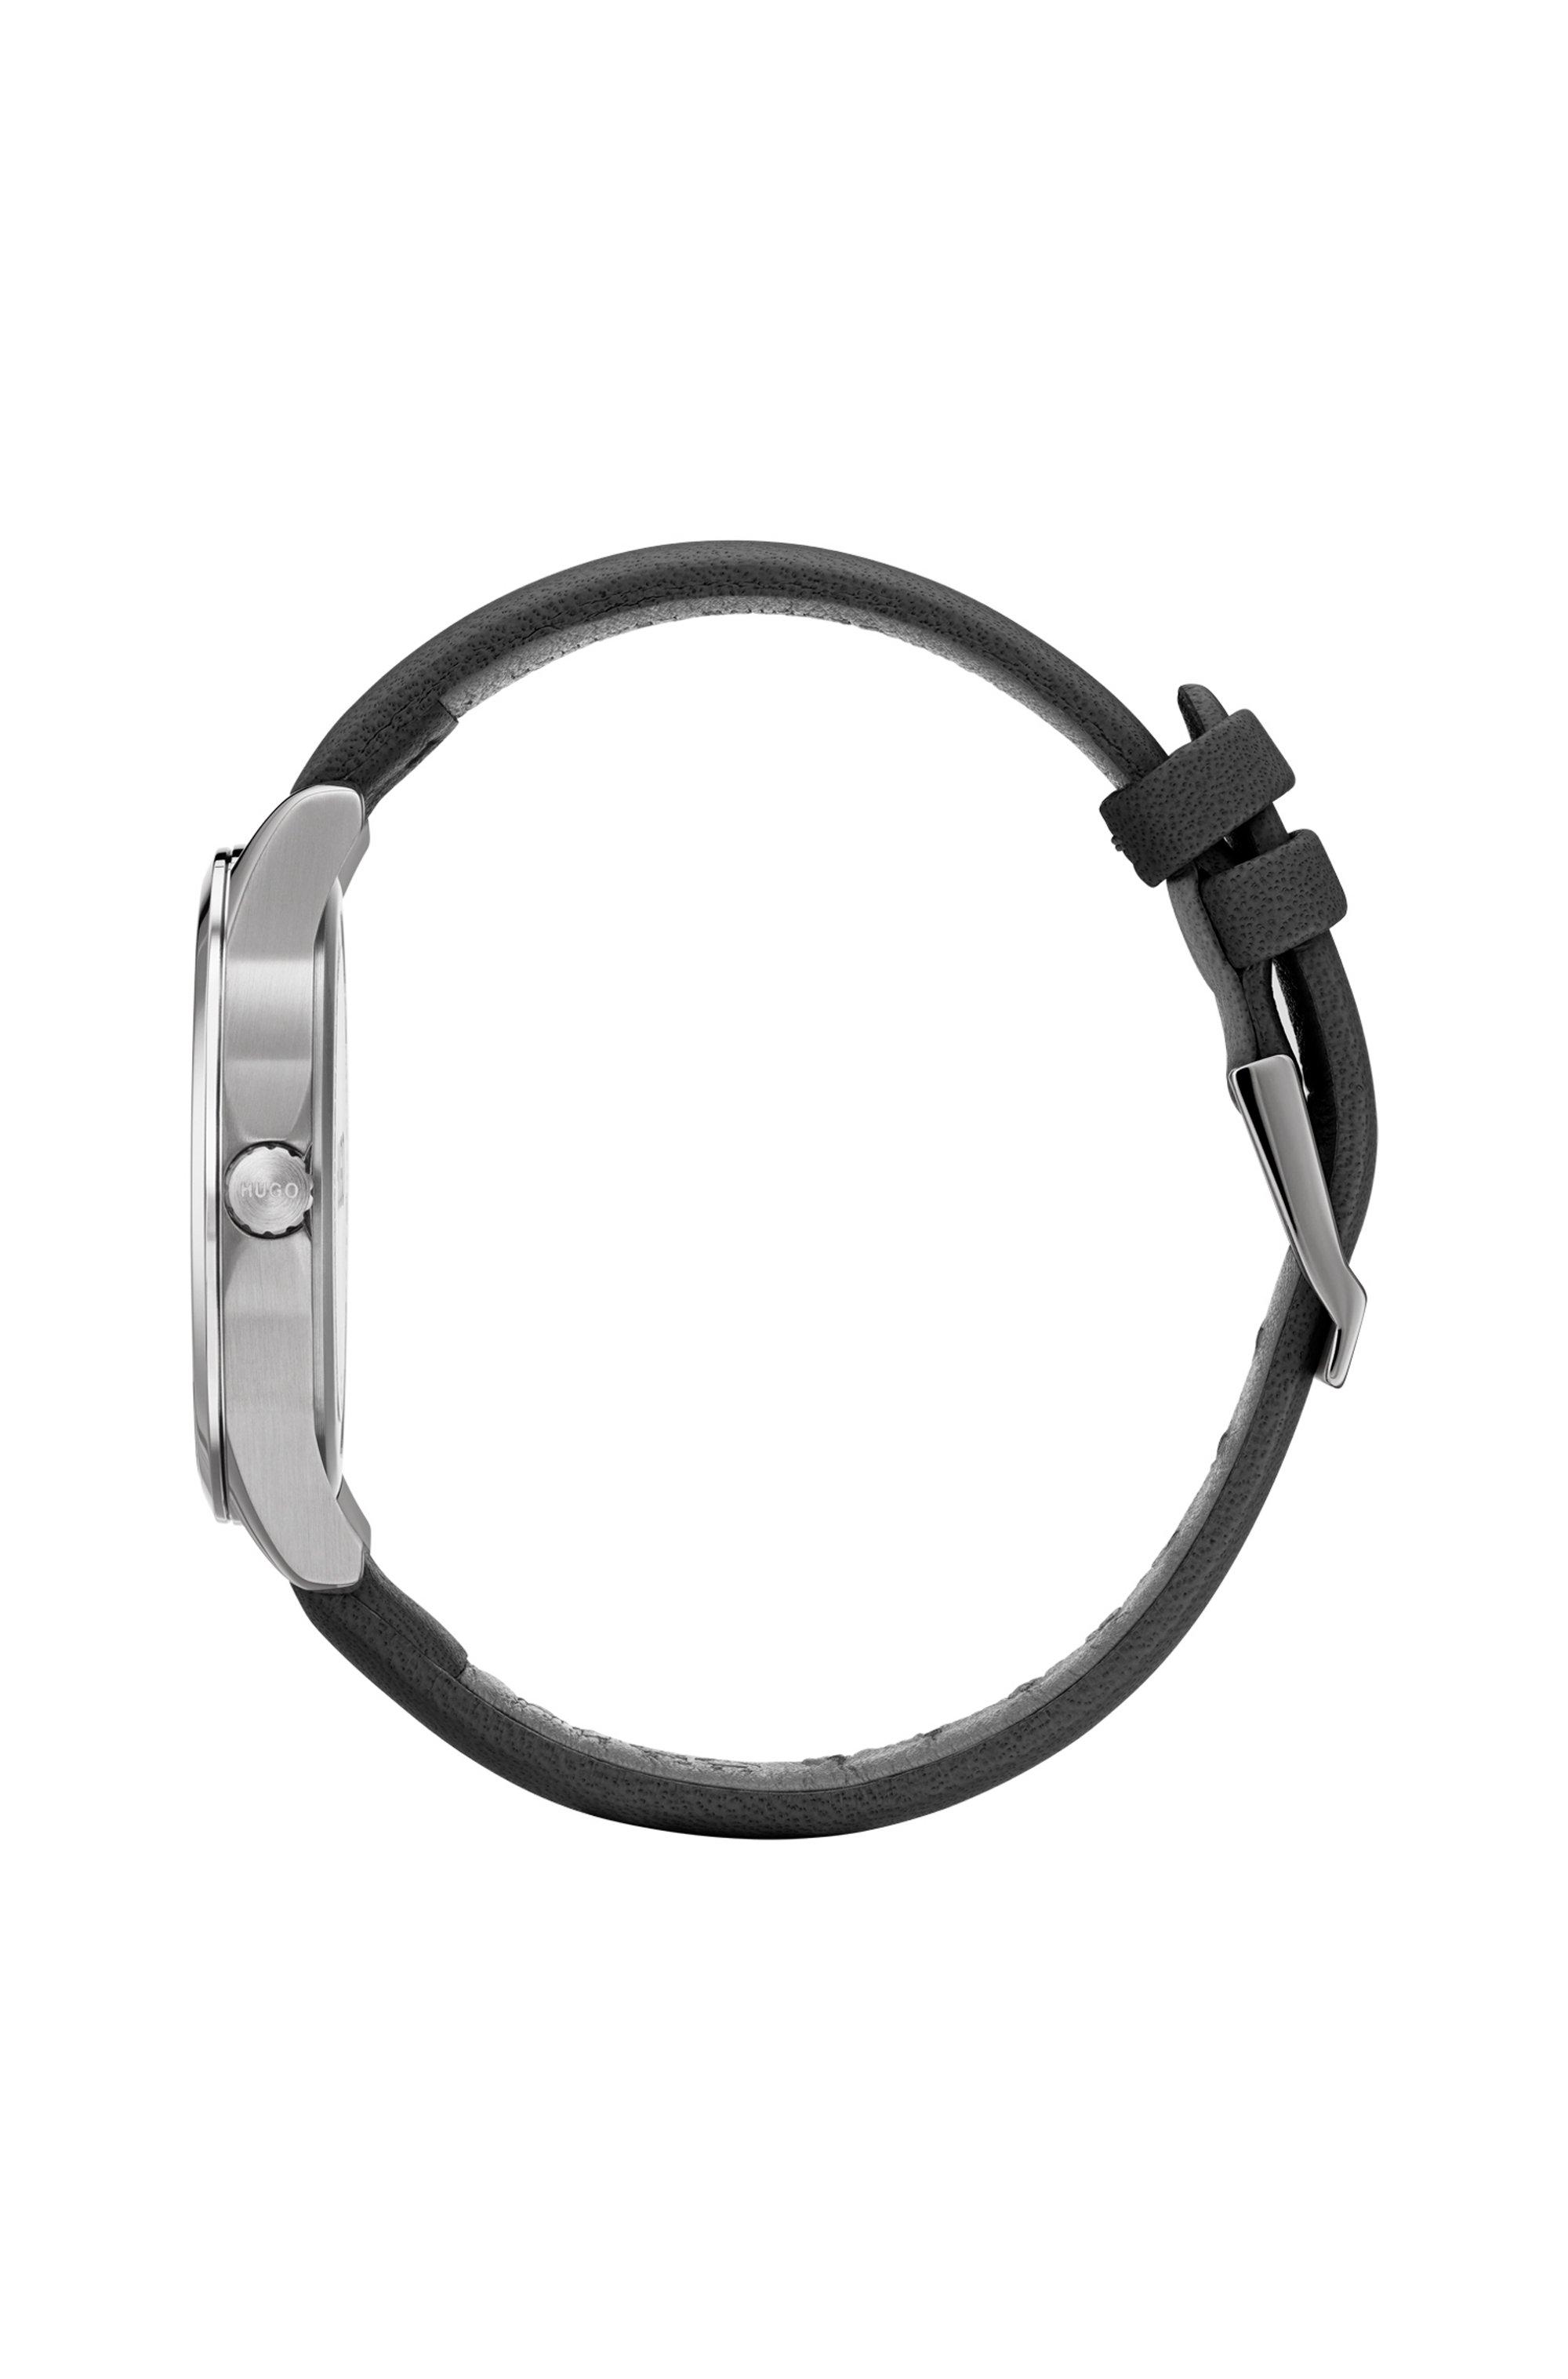 Horloge met leren polsband en wijzerplaat met gespiegeld logo in reliëf